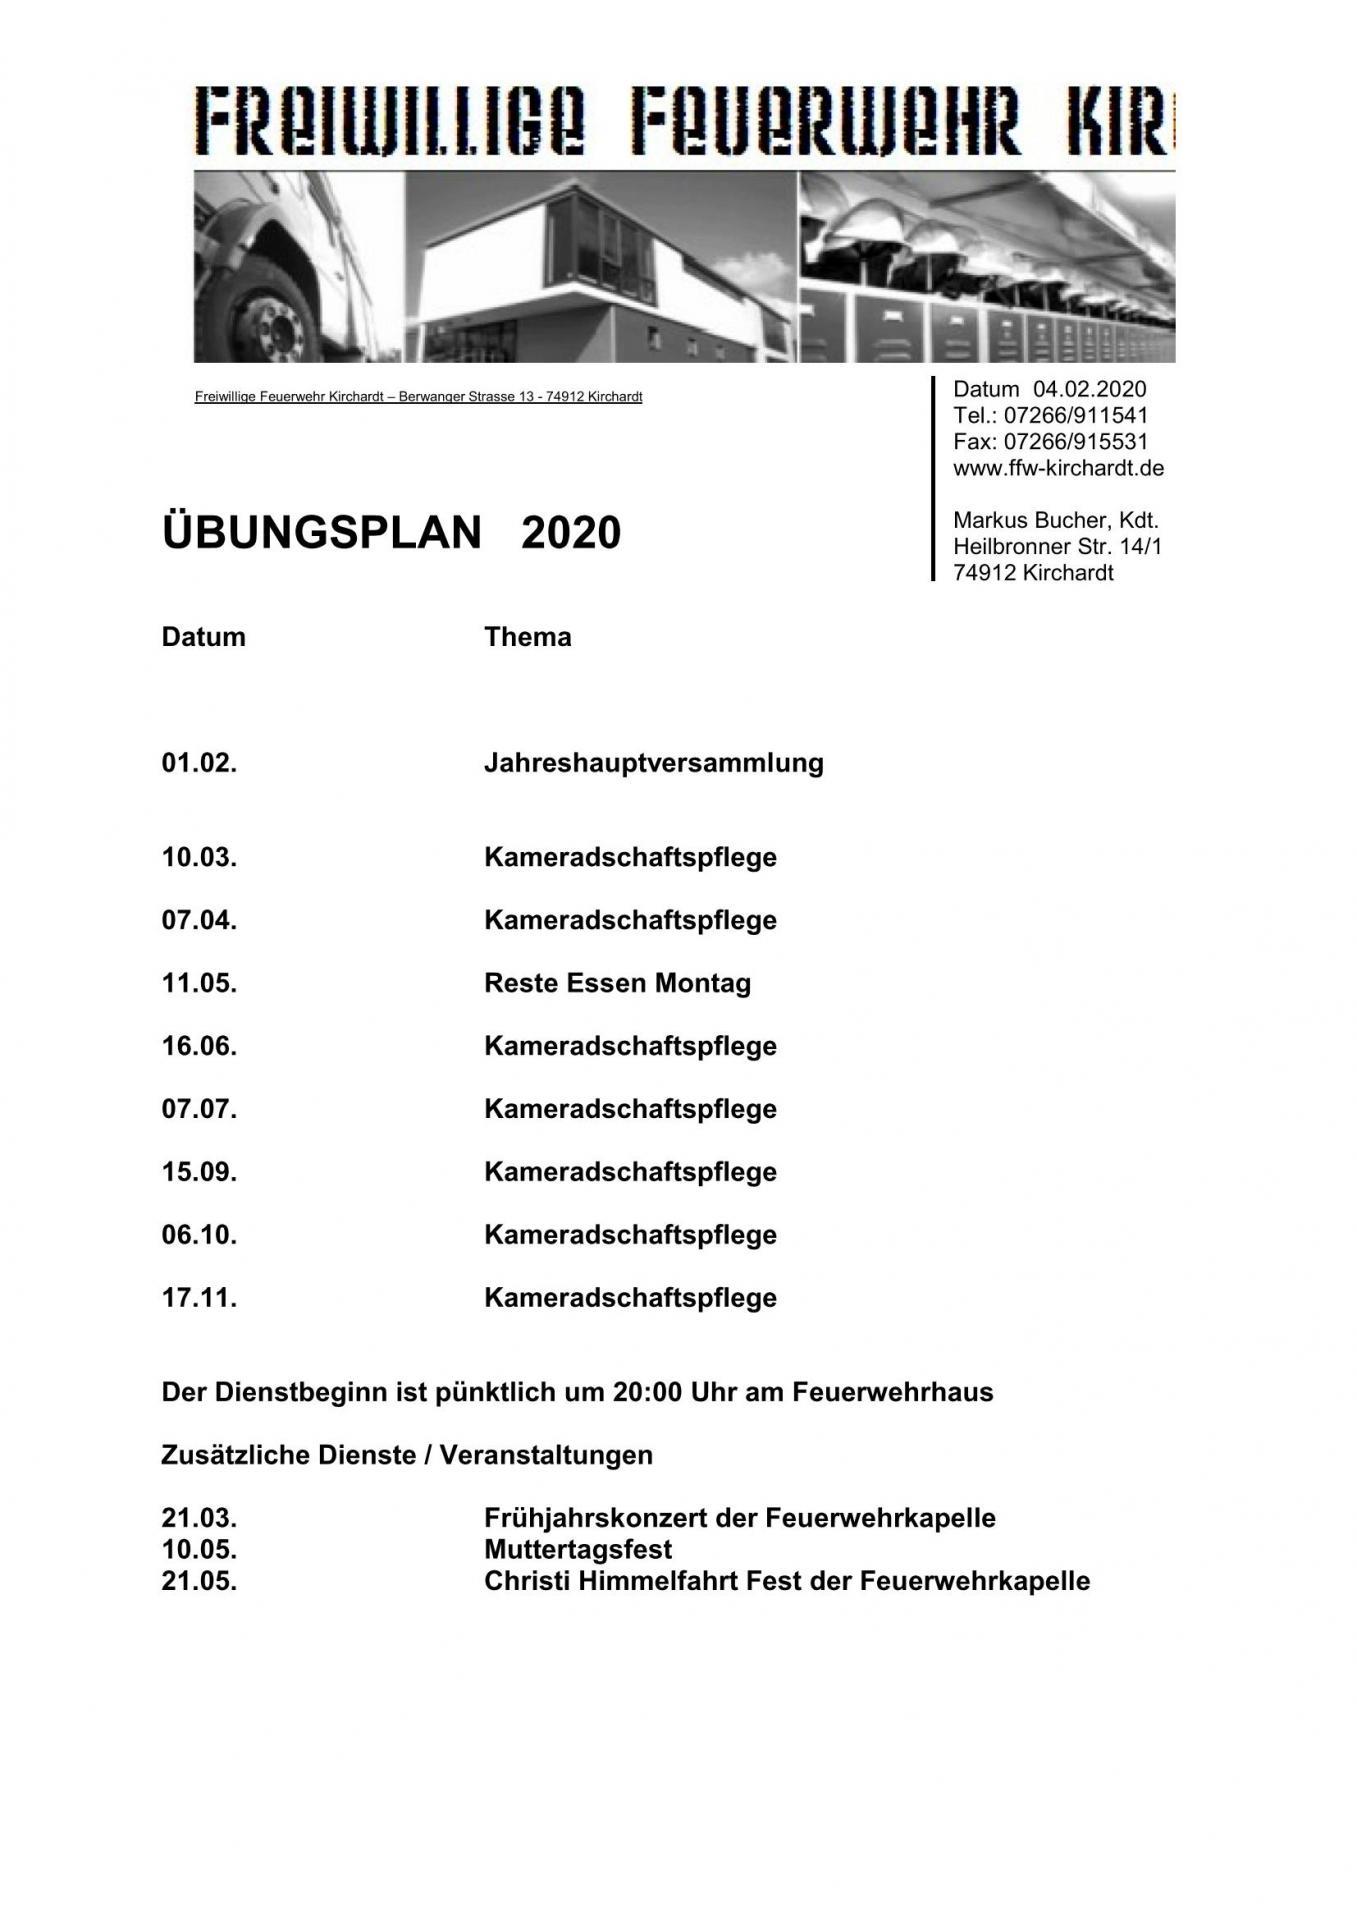 Dienstplan Alterswehr 2020